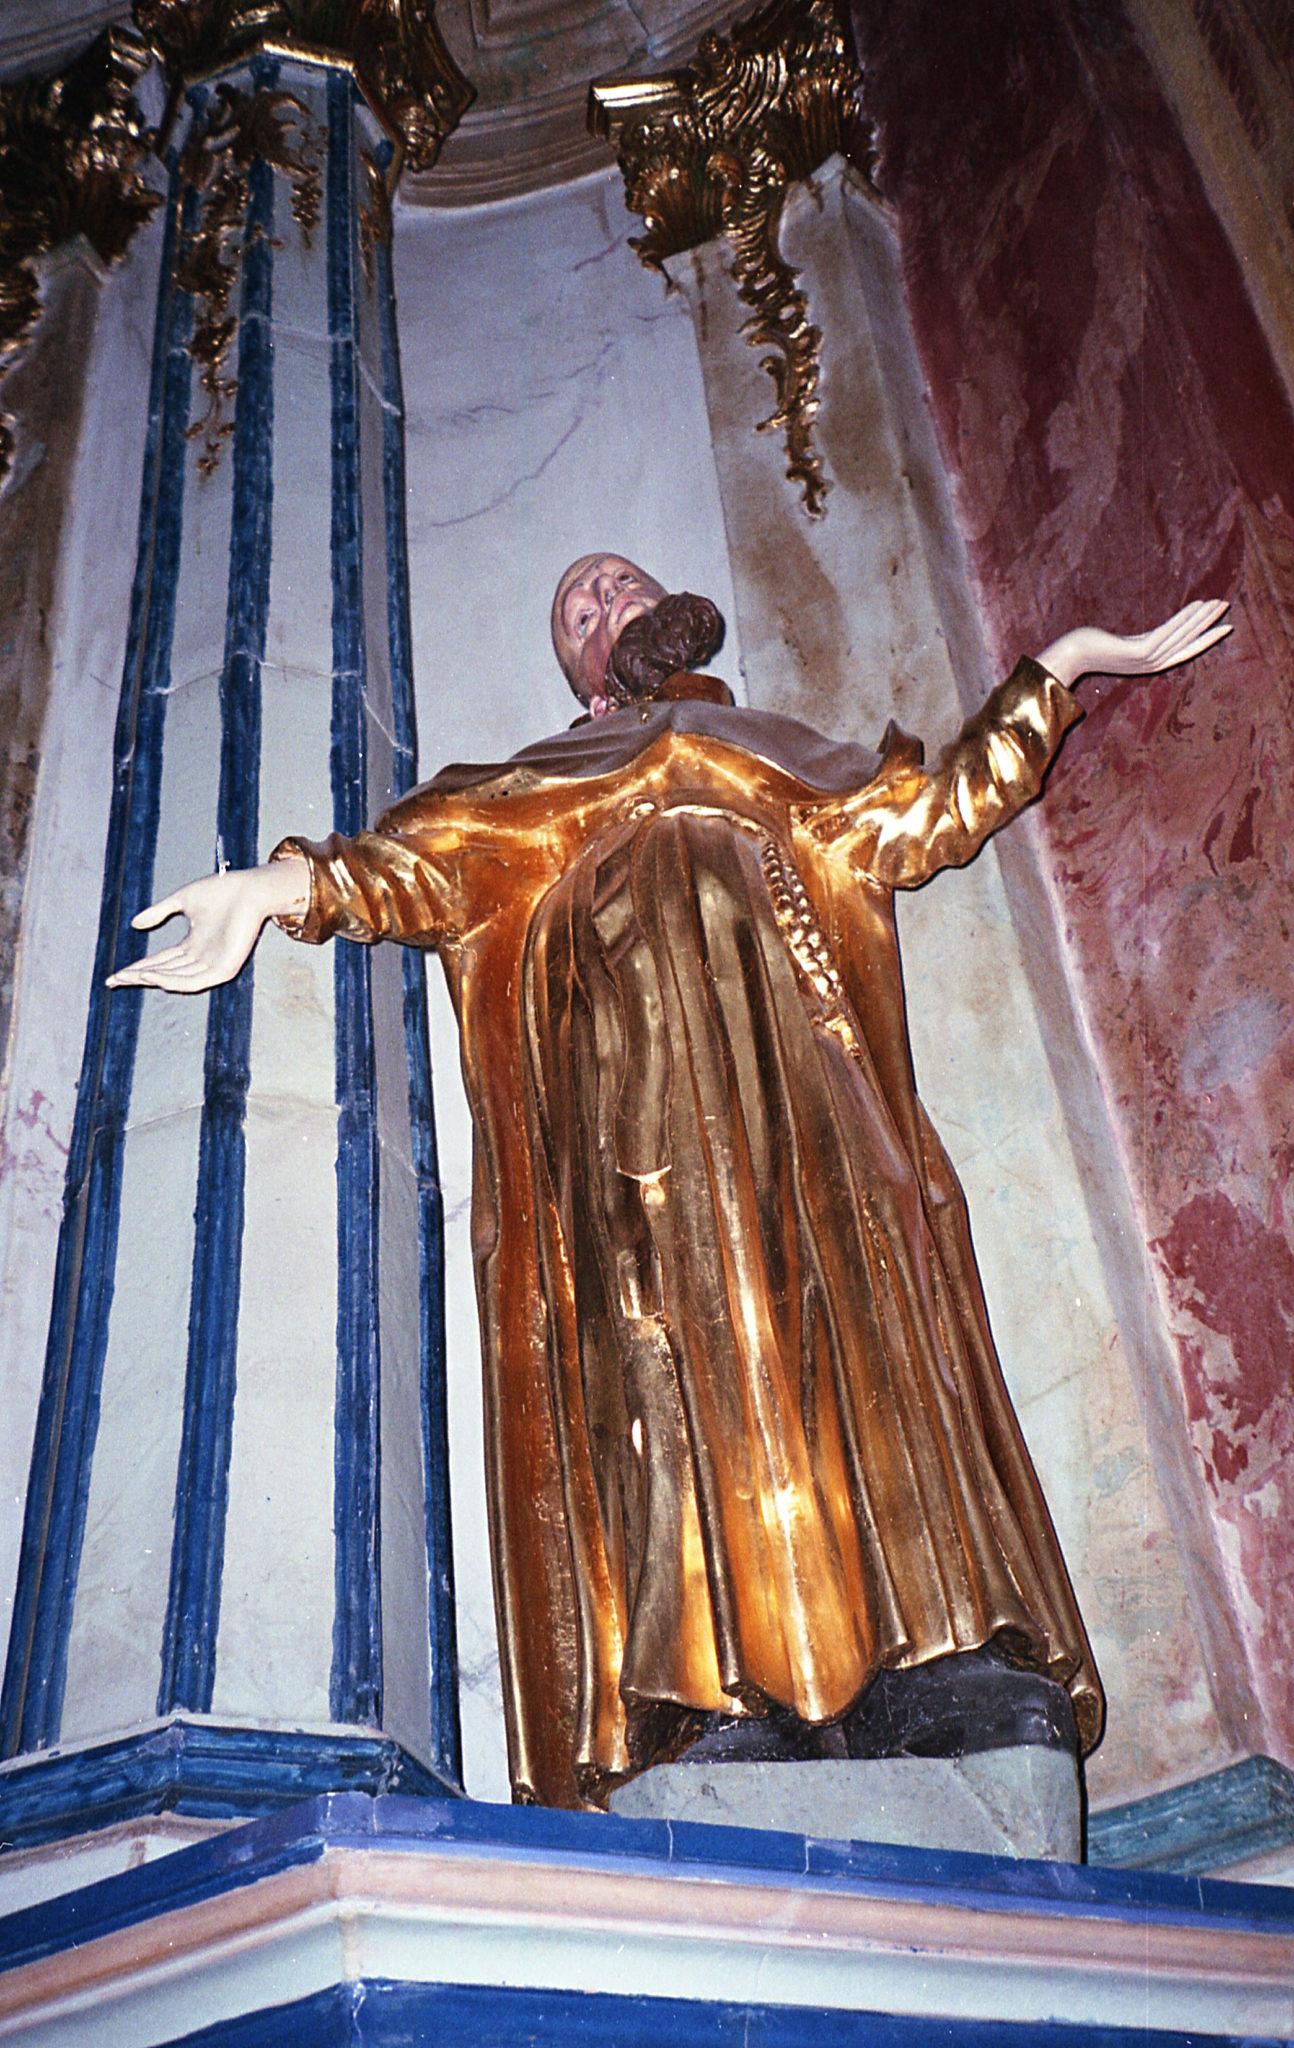 Rzeźba postaci biblijnej w kościele.